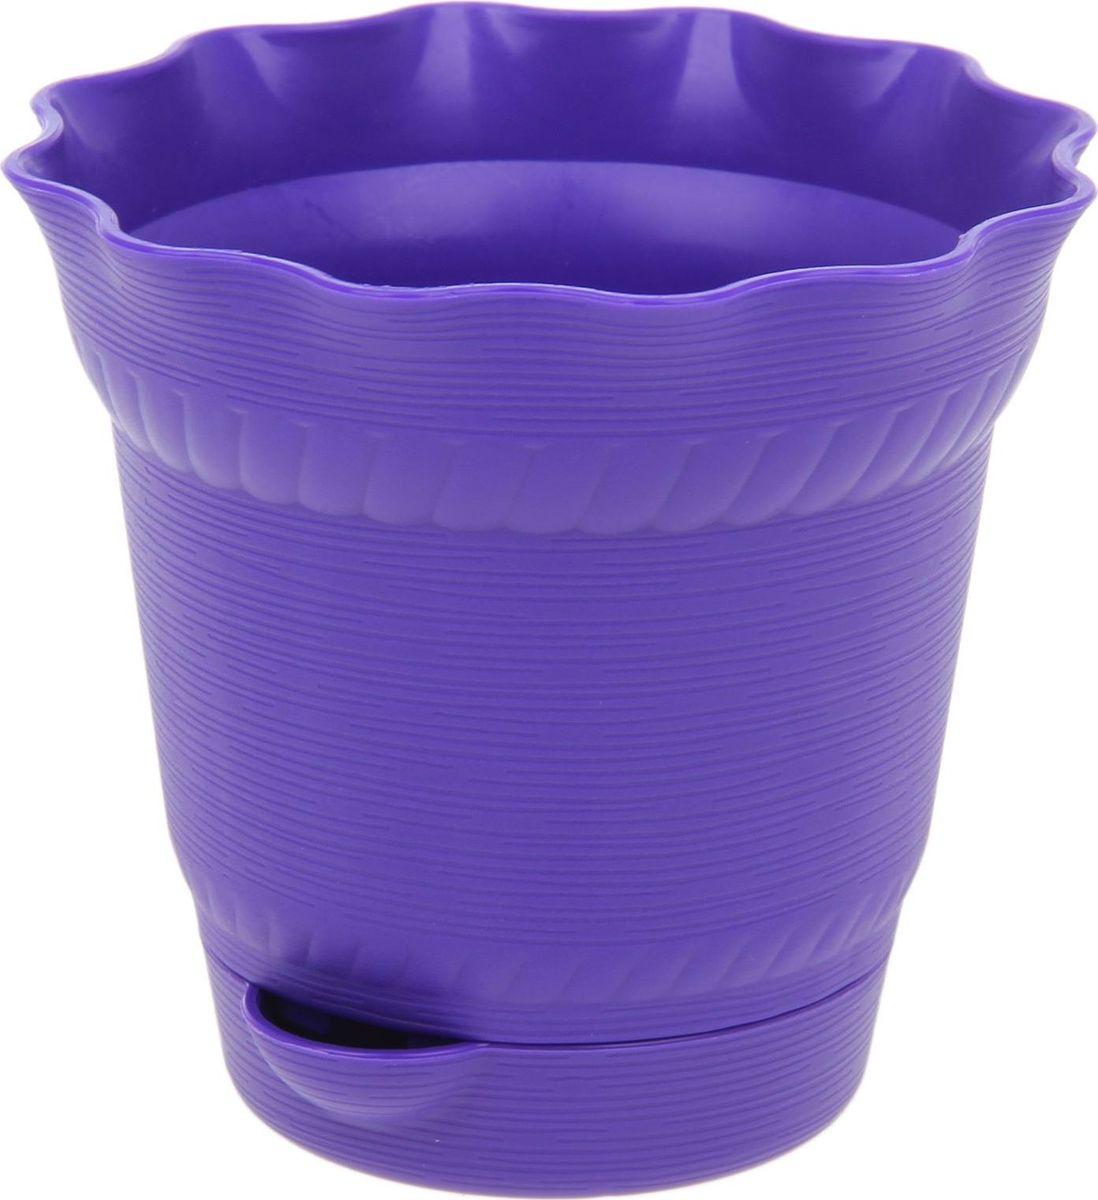 Горшок для цветов ТЕК.А.ТЕК Aquarelle, с поддоном, цвет: фиолетовый, 1 л1411766Любой, даже самый современный и продуманный интерьер будет не завершённым без растений. Они не только очищают воздух и насыщают его кислородом, но и заметно украшают окружающее пространство. Такому полезному &laquo члену семьи&raquoпросто необходимо красивое и функциональное кашпо, оригинальный горшок или необычная ваза! Мы предлагаем - Горшок для цветов 1 л с поддоном Aquarelle, d=14 см, цвет фиолетовый!Оптимальный выбор материала &mdash &nbsp пластмасса! Почему мы так считаем? Малый вес. С лёгкостью переносите горшки и кашпо с места на место, ставьте их на столики или полки, подвешивайте под потолок, не беспокоясь о нагрузке. Простота ухода. Пластиковые изделия не нуждаются в специальных условиях хранения. Их&nbsp легко чистить &mdashдостаточно просто сполоснуть тёплой водой. Никаких царапин. Пластиковые кашпо не царапают и не загрязняют поверхности, на которых стоят. Пластик дольше хранит влагу, а значит &mdashрастение реже нуждается в поливе. Пластмасса не пропускает воздух &mdashкорневой системе растения не грозят резкие перепады температур. Огромный выбор форм, декора и расцветок &mdashвы без труда подберёте что-то, что идеально впишется в уже существующий интерьер.Соблюдая нехитрые правила ухода, вы можете заметно продлить срок службы горшков, вазонов и кашпо из пластика: всегда учитывайте размер кроны и корневой системы растения (при разрастании большое растение способно повредить маленький горшок)берегите изделие от воздействия прямых солнечных лучей, чтобы кашпо и горшки не выцветалидержите кашпо и горшки из пластика подальше от нагревающихся поверхностей.Создавайте прекрасные цветочные композиции, выращивайте рассаду или необычные растения, а низкие цены позволят вам не ограничивать себя в выборе.